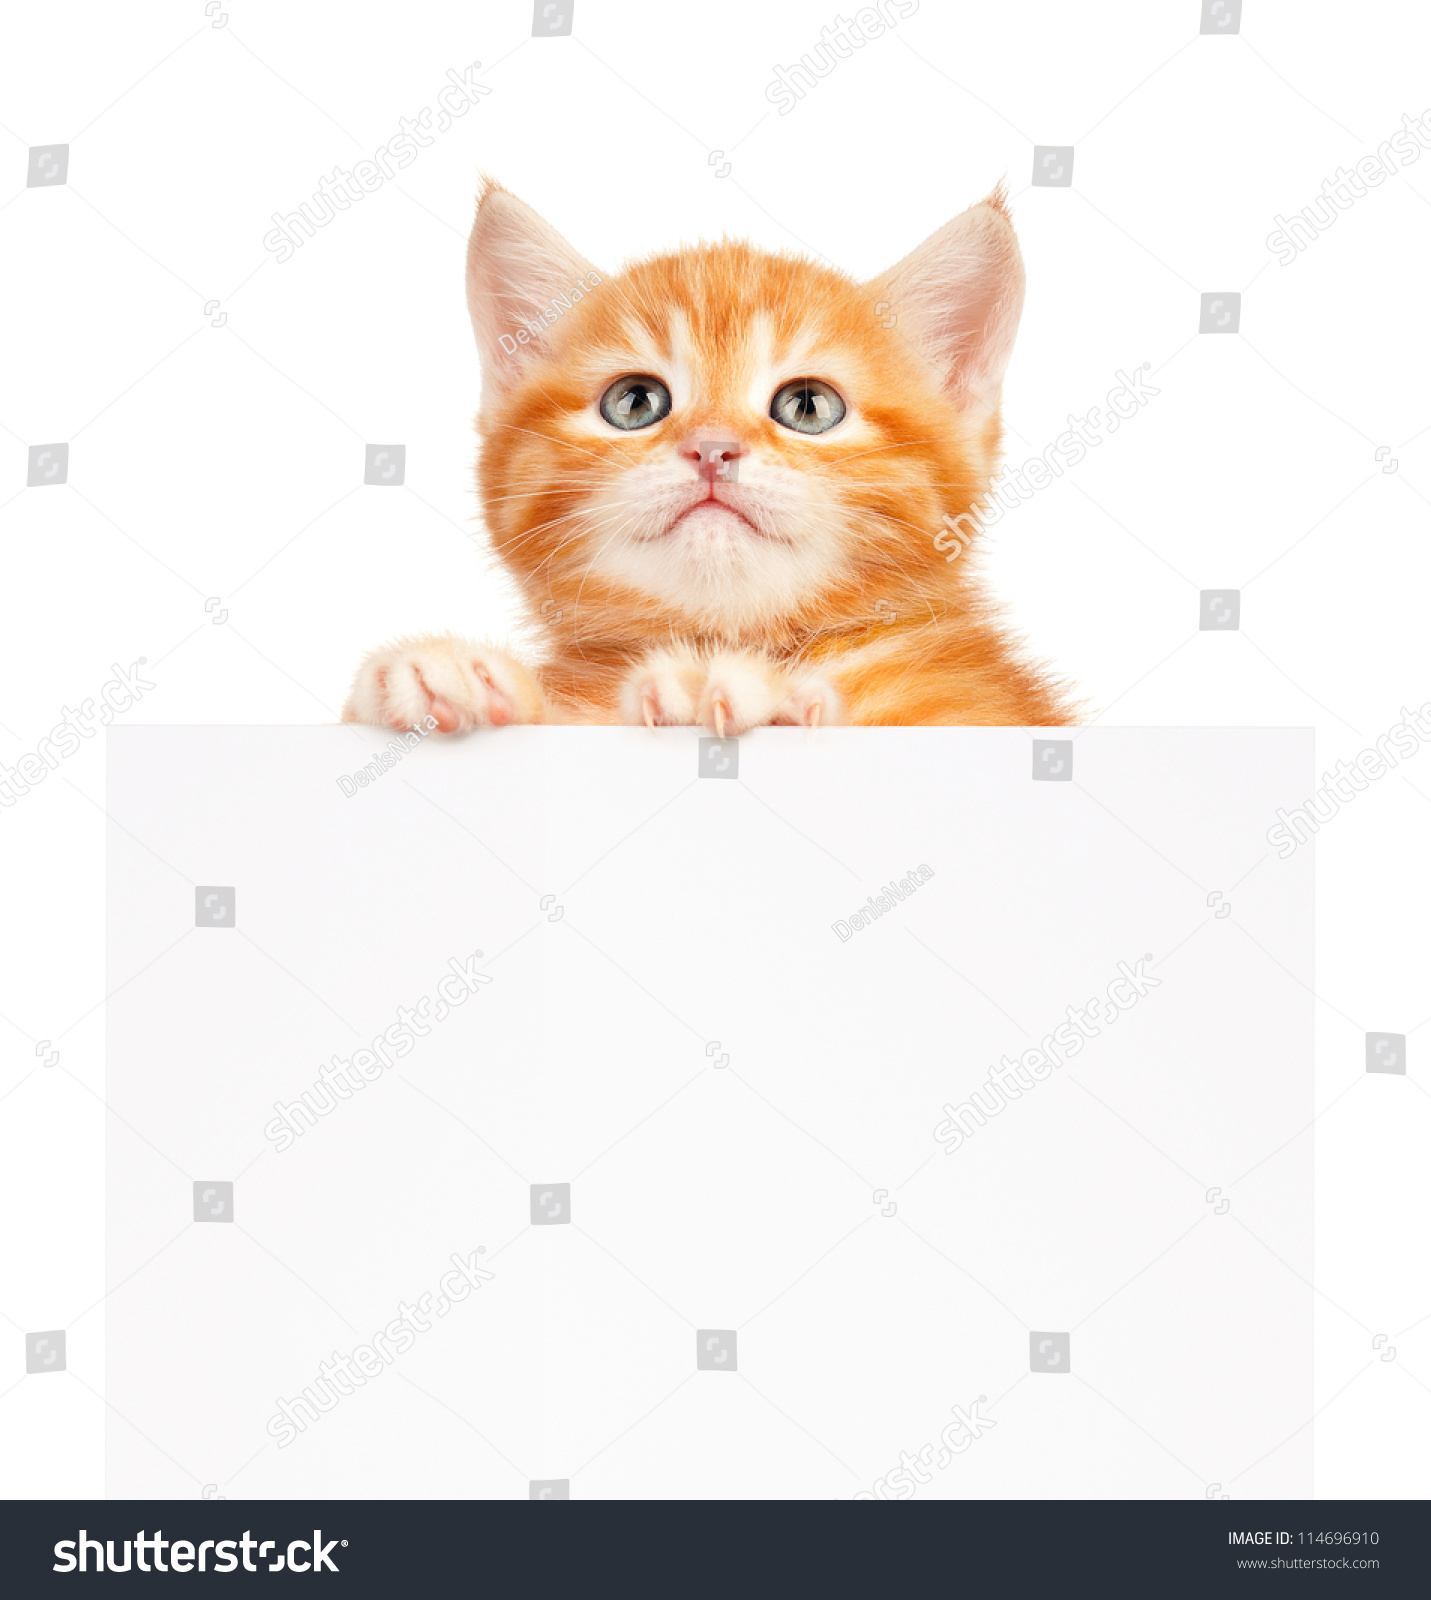 壁纸 动物 猫 猫咪 小猫 桌面 1431_1600